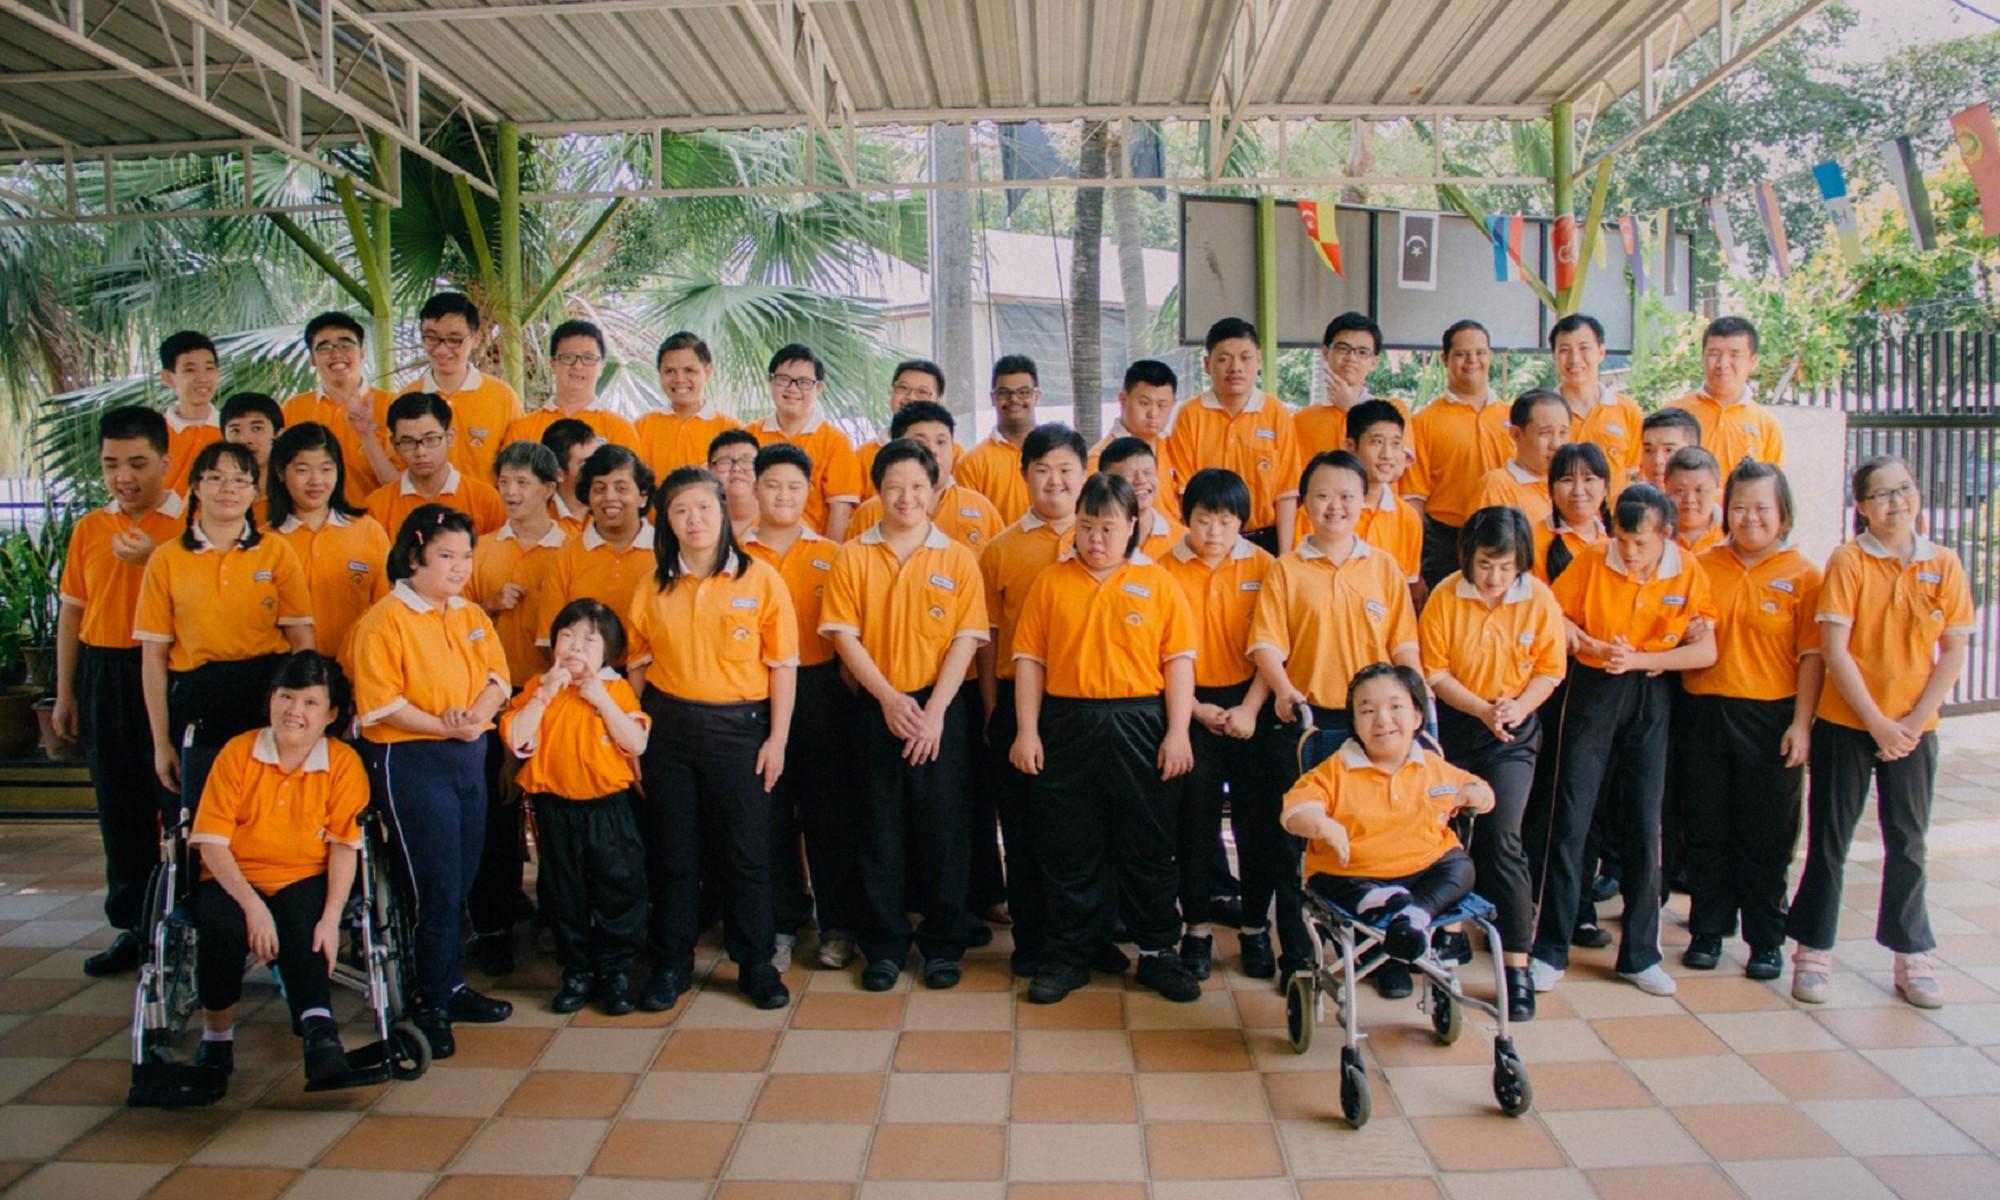 Pertubuhan Orang-Orang Bermasalah Pembelajaran Dayspring Selangor